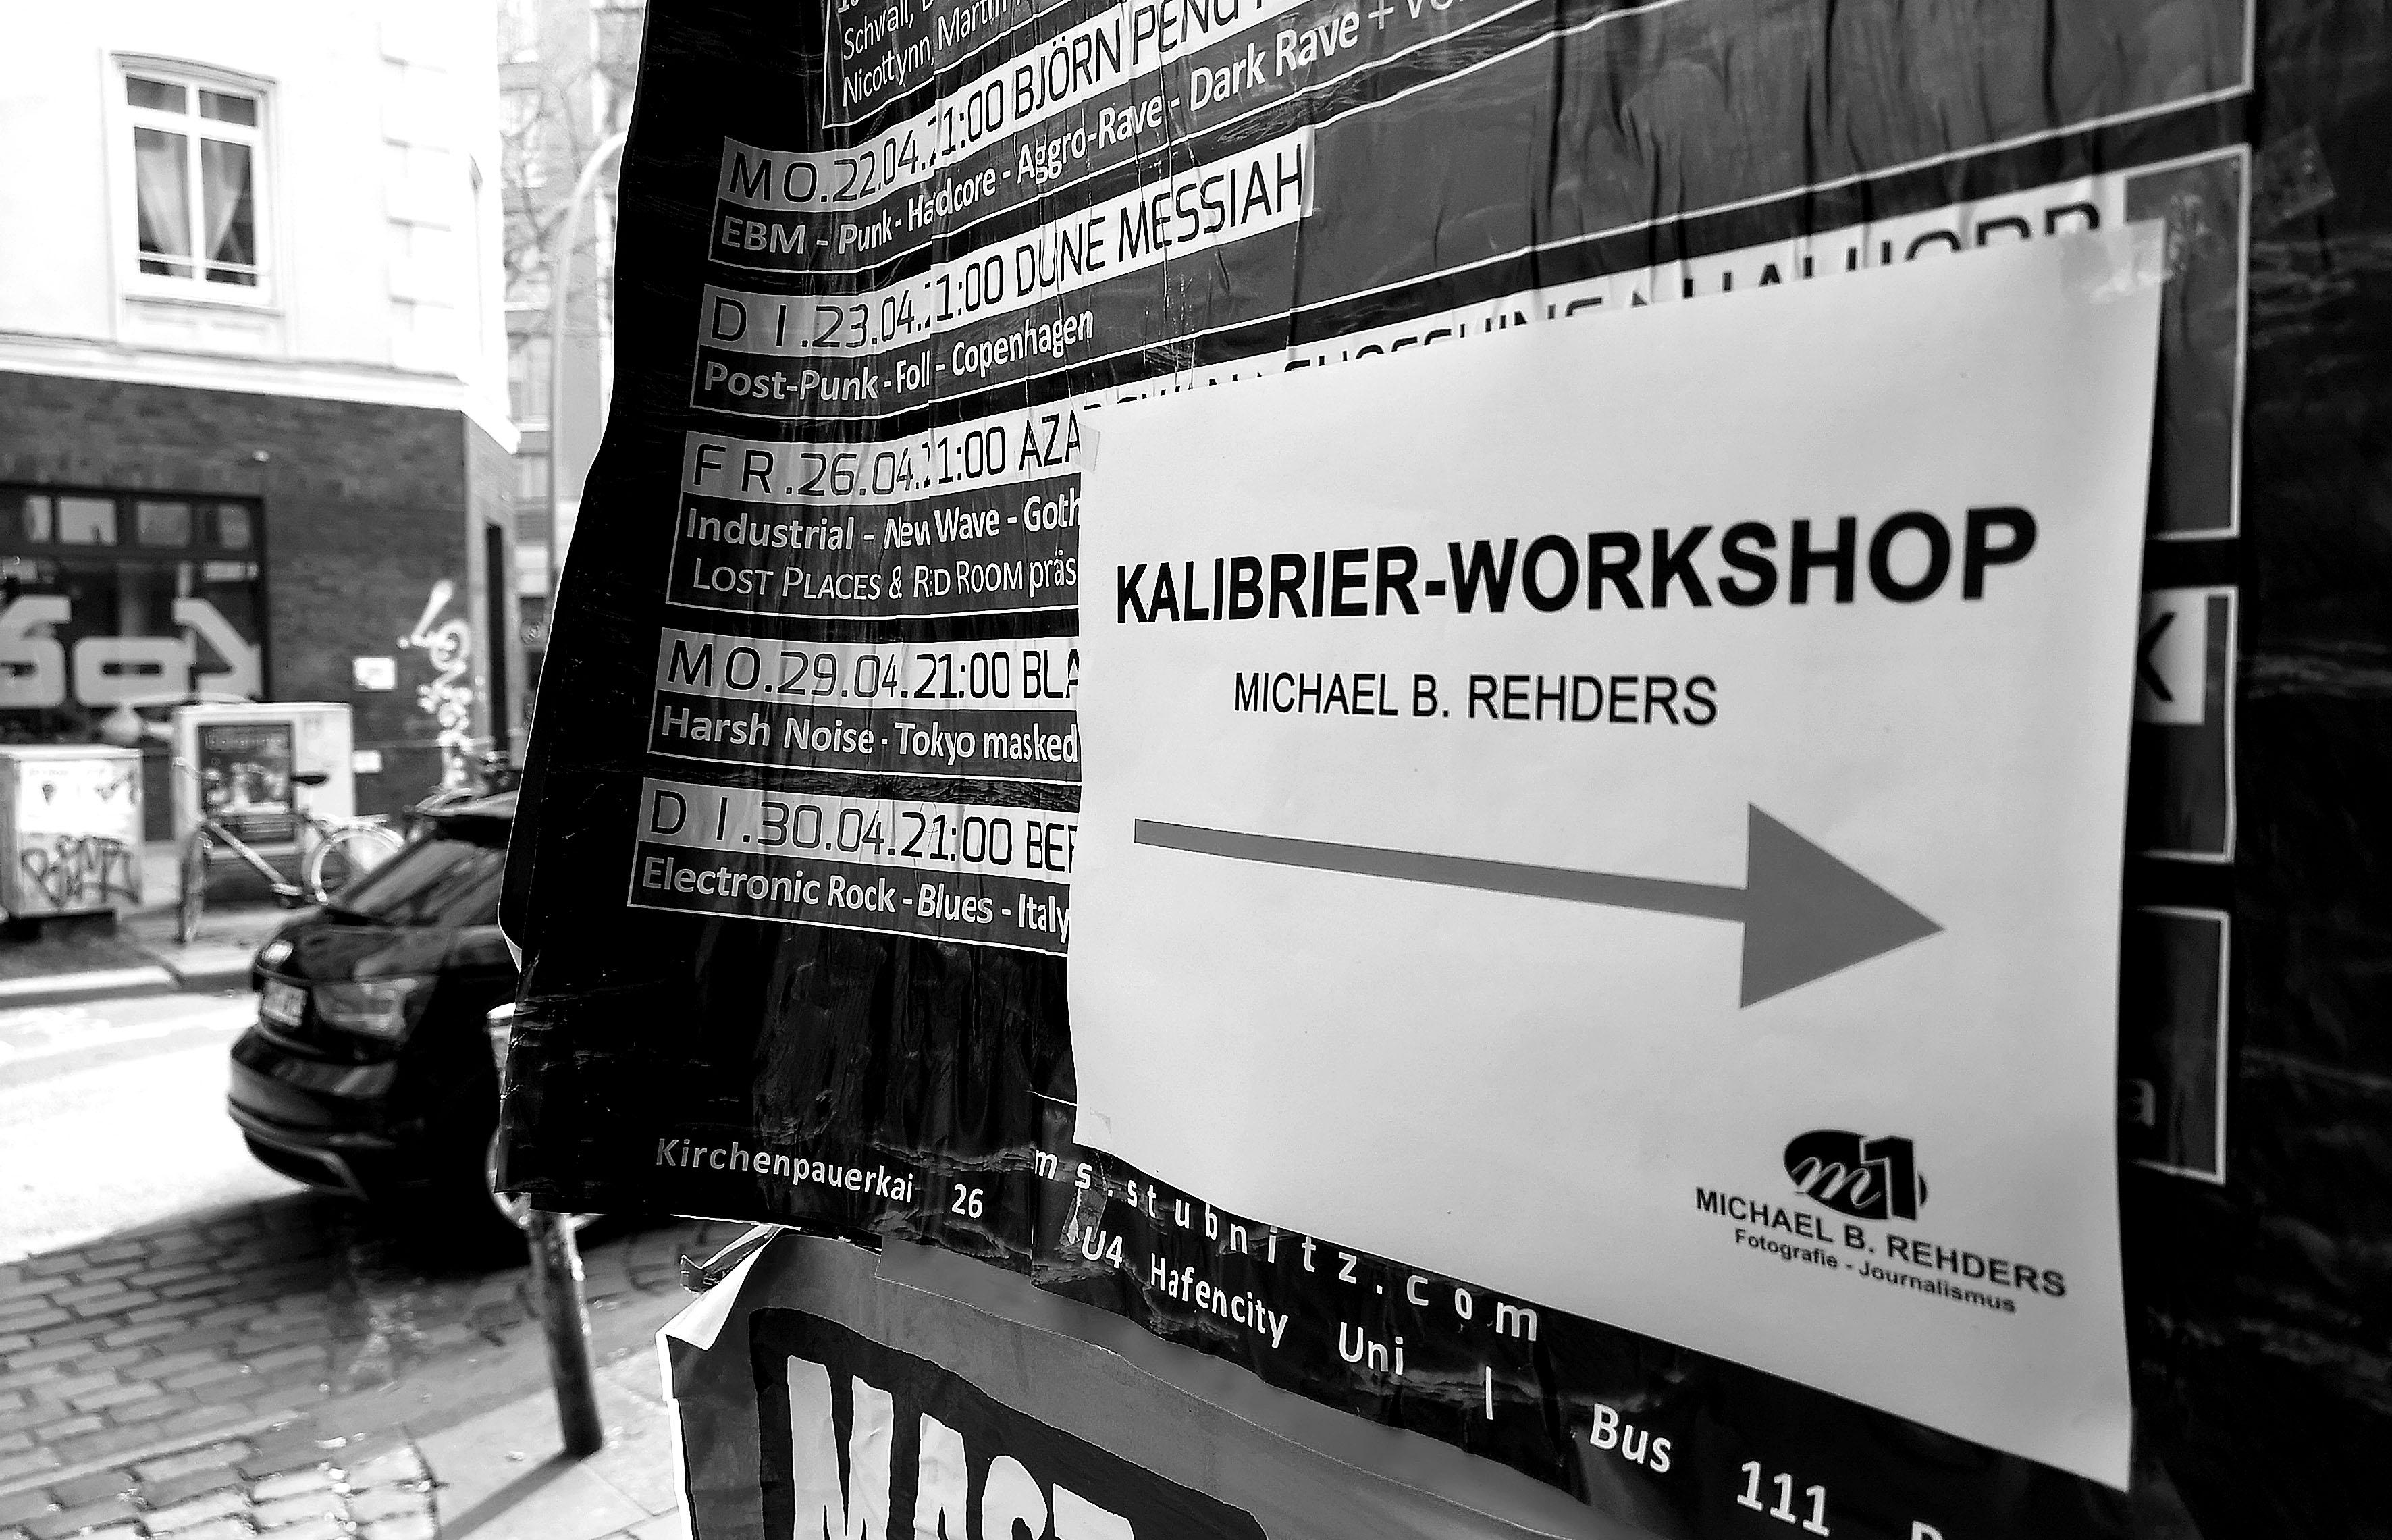 Foto: Michael B. Rehders - Ein paar Wegweiser nahmen die Teilnehmer an die Hand - und führten sie direkt in mein Heimkino.